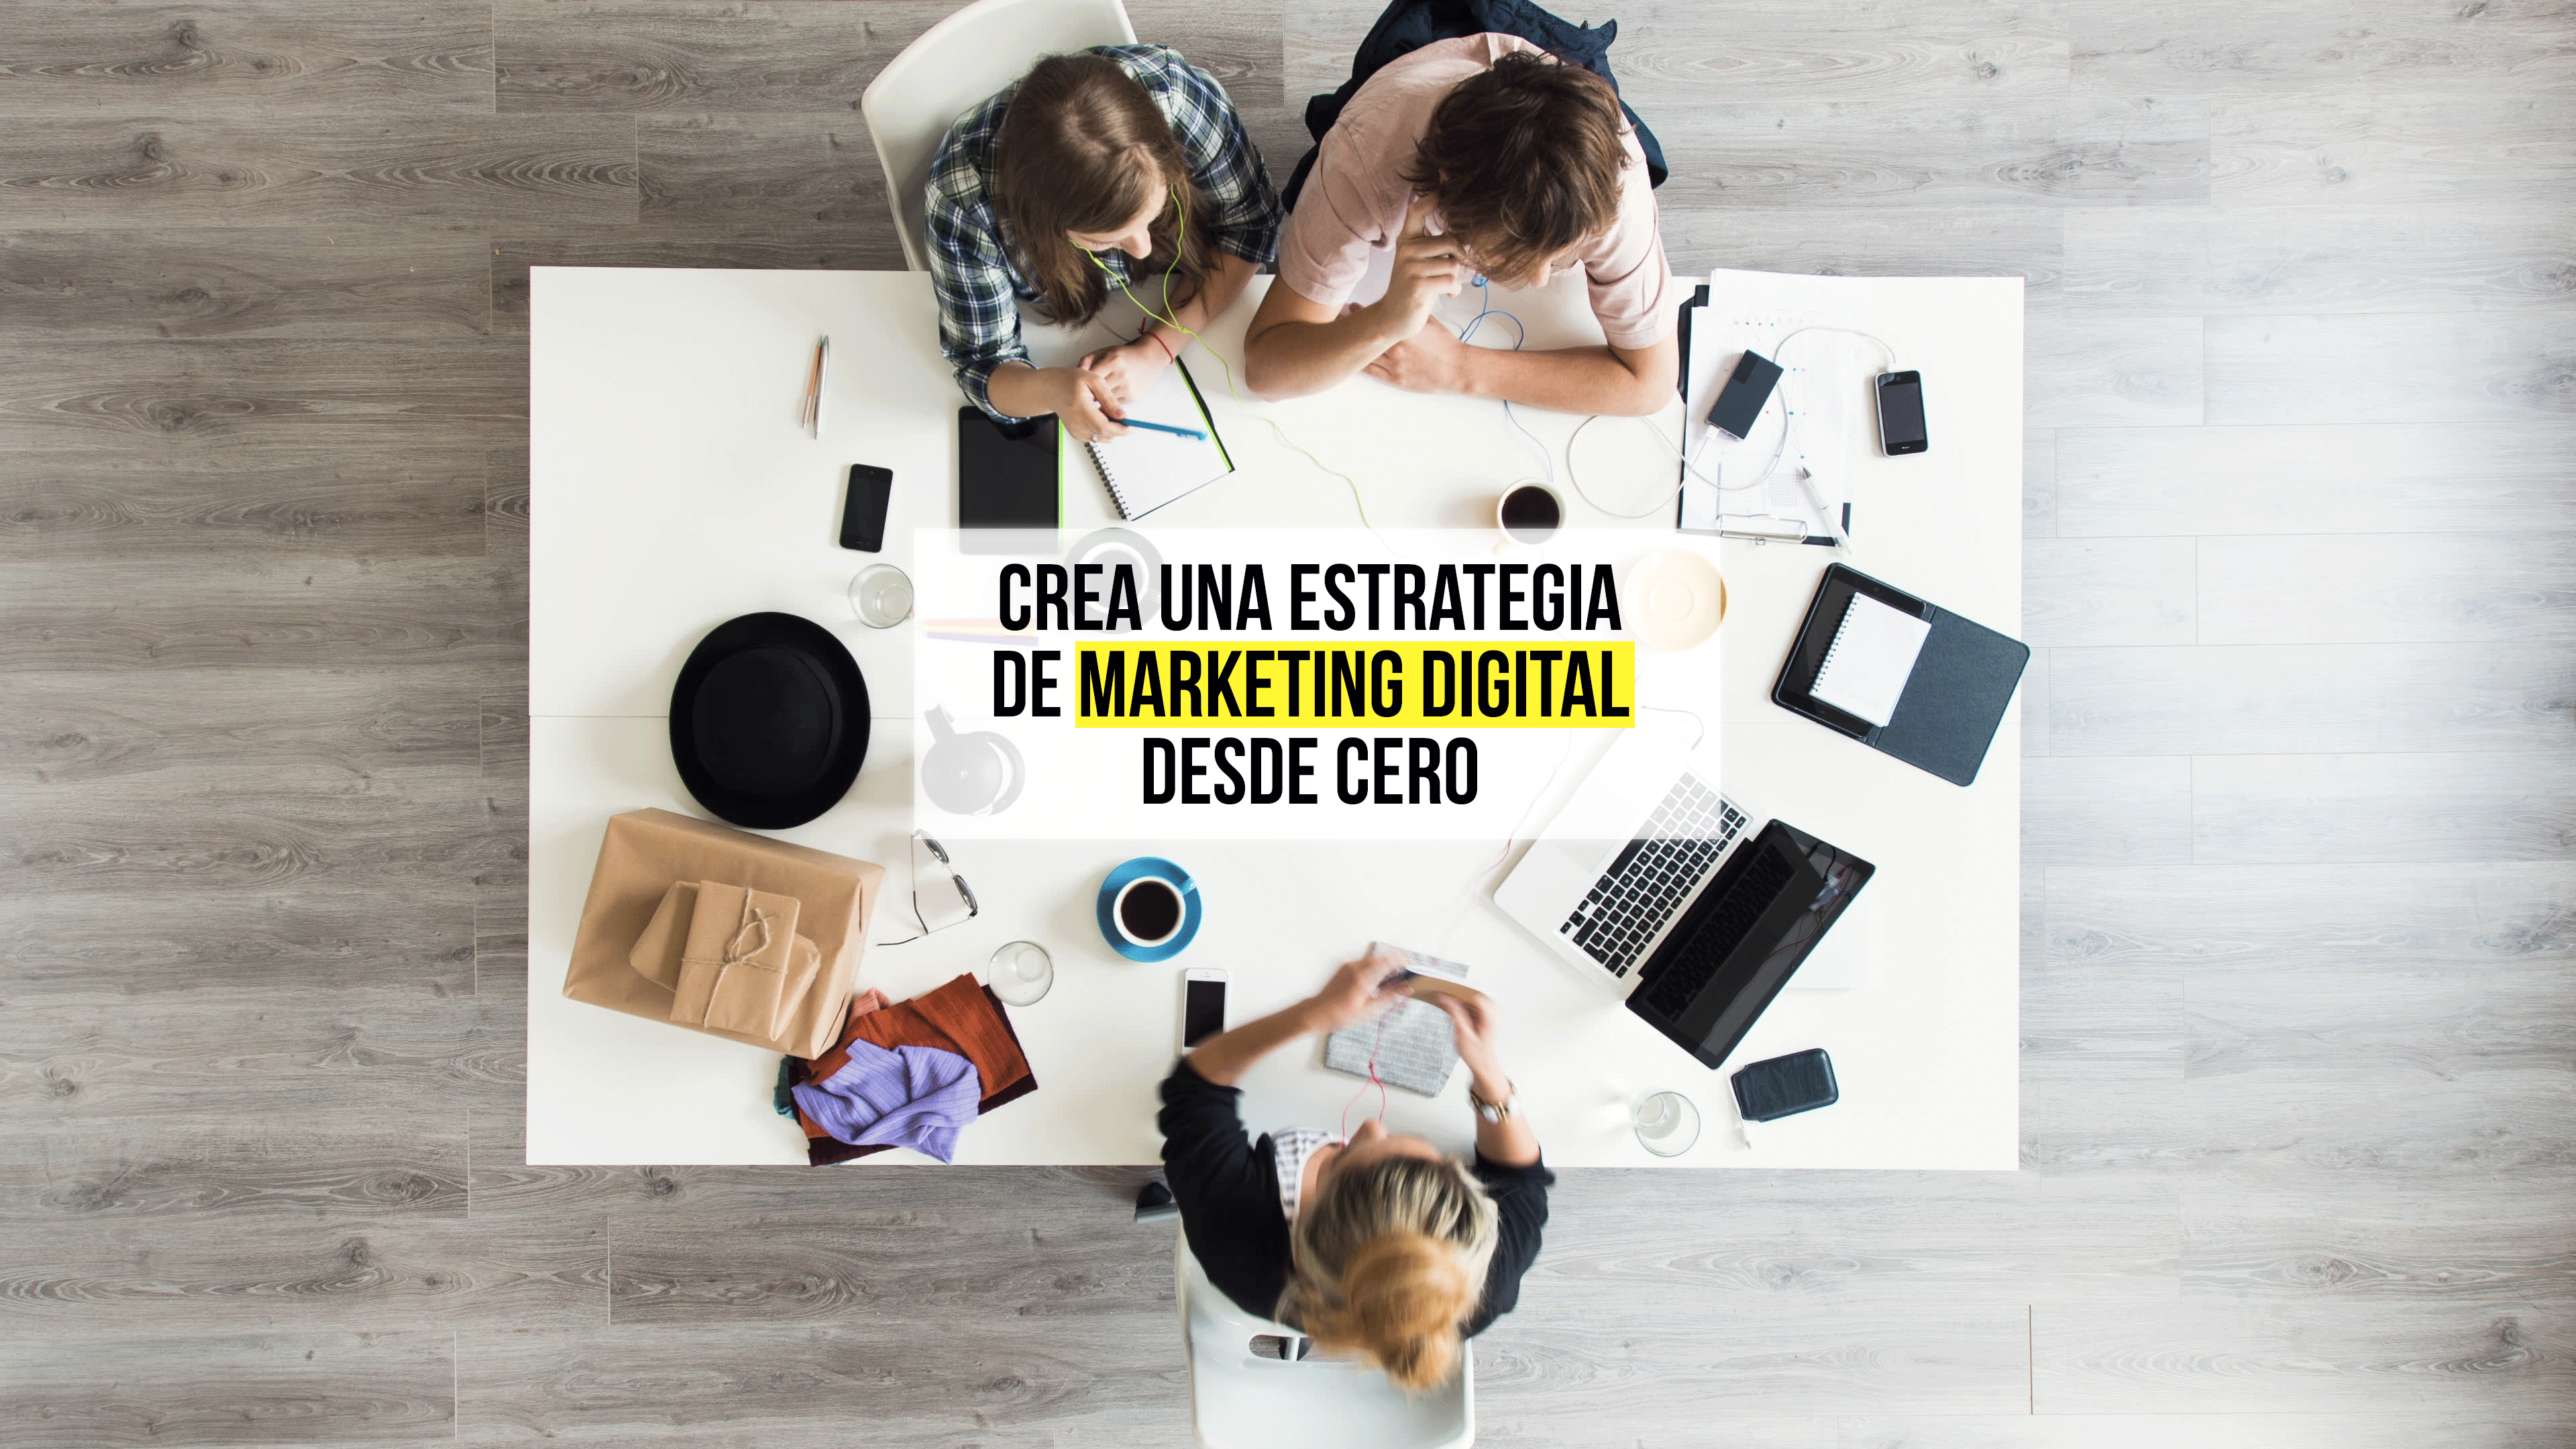 Crea una estrategia de Marketing Digital desde cero